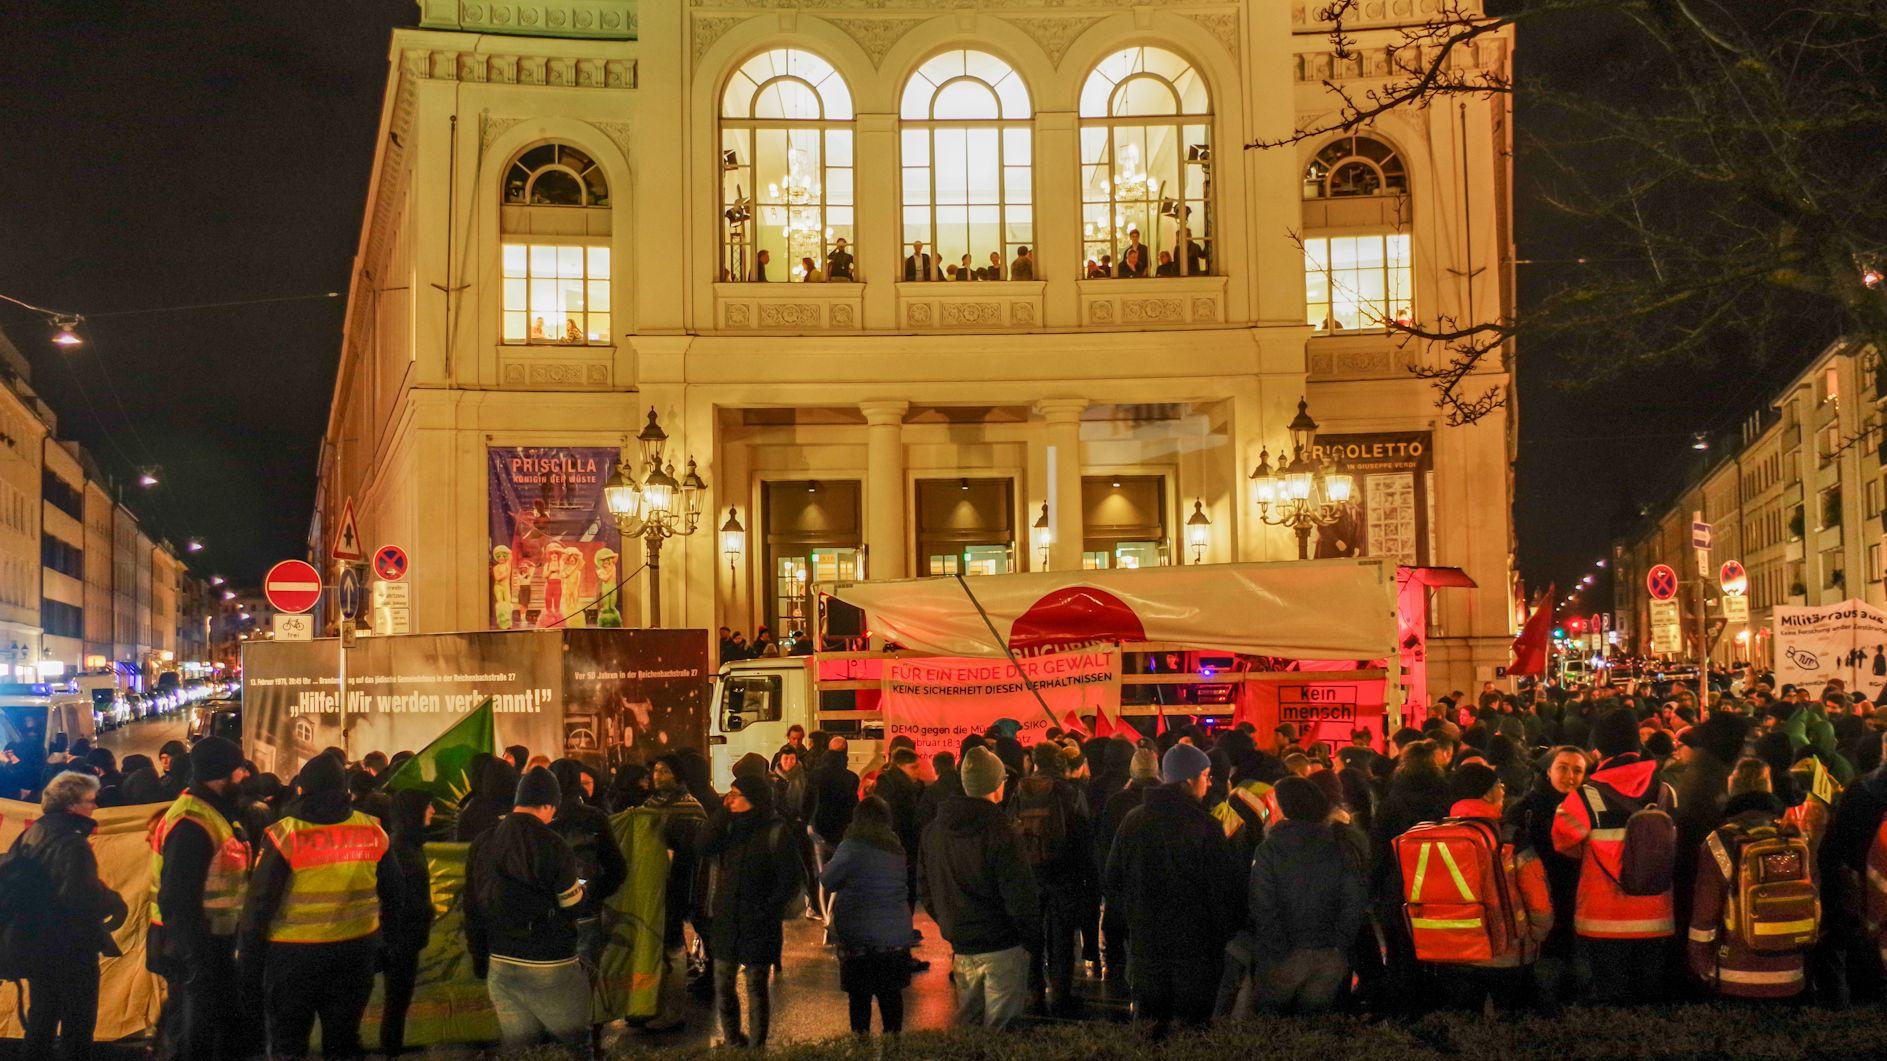 Demonstrationen gegen Münchner Sicherheitskonferenz